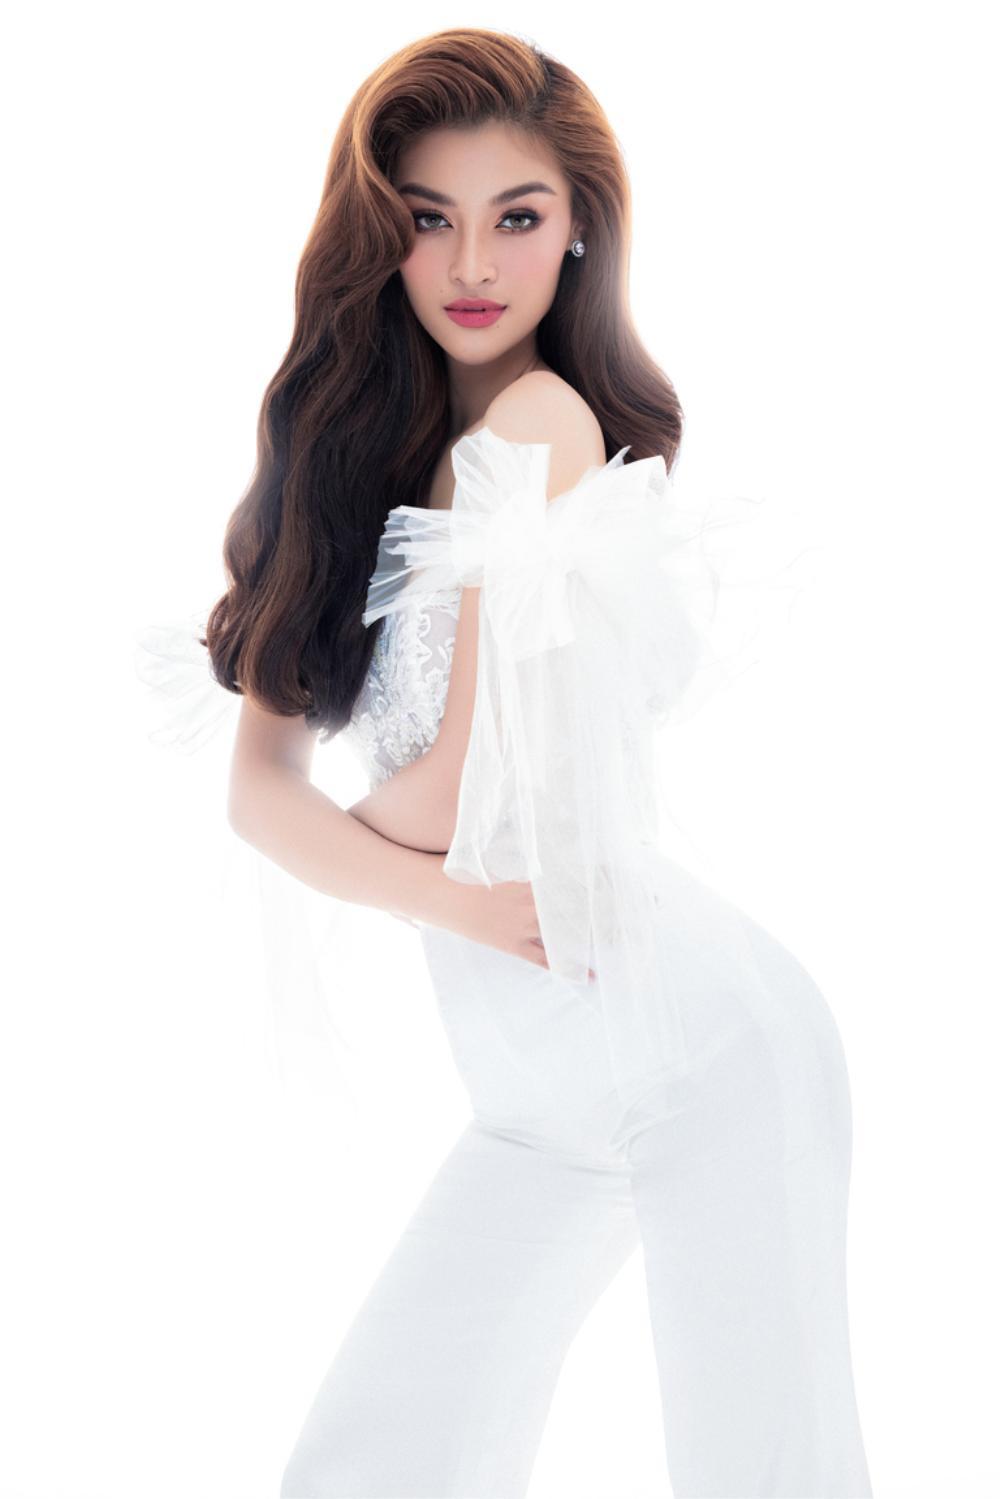 Á hậu Kiều Loan khoe nhan sắc quyến rũ trong bộ ảnh mới Ảnh 2